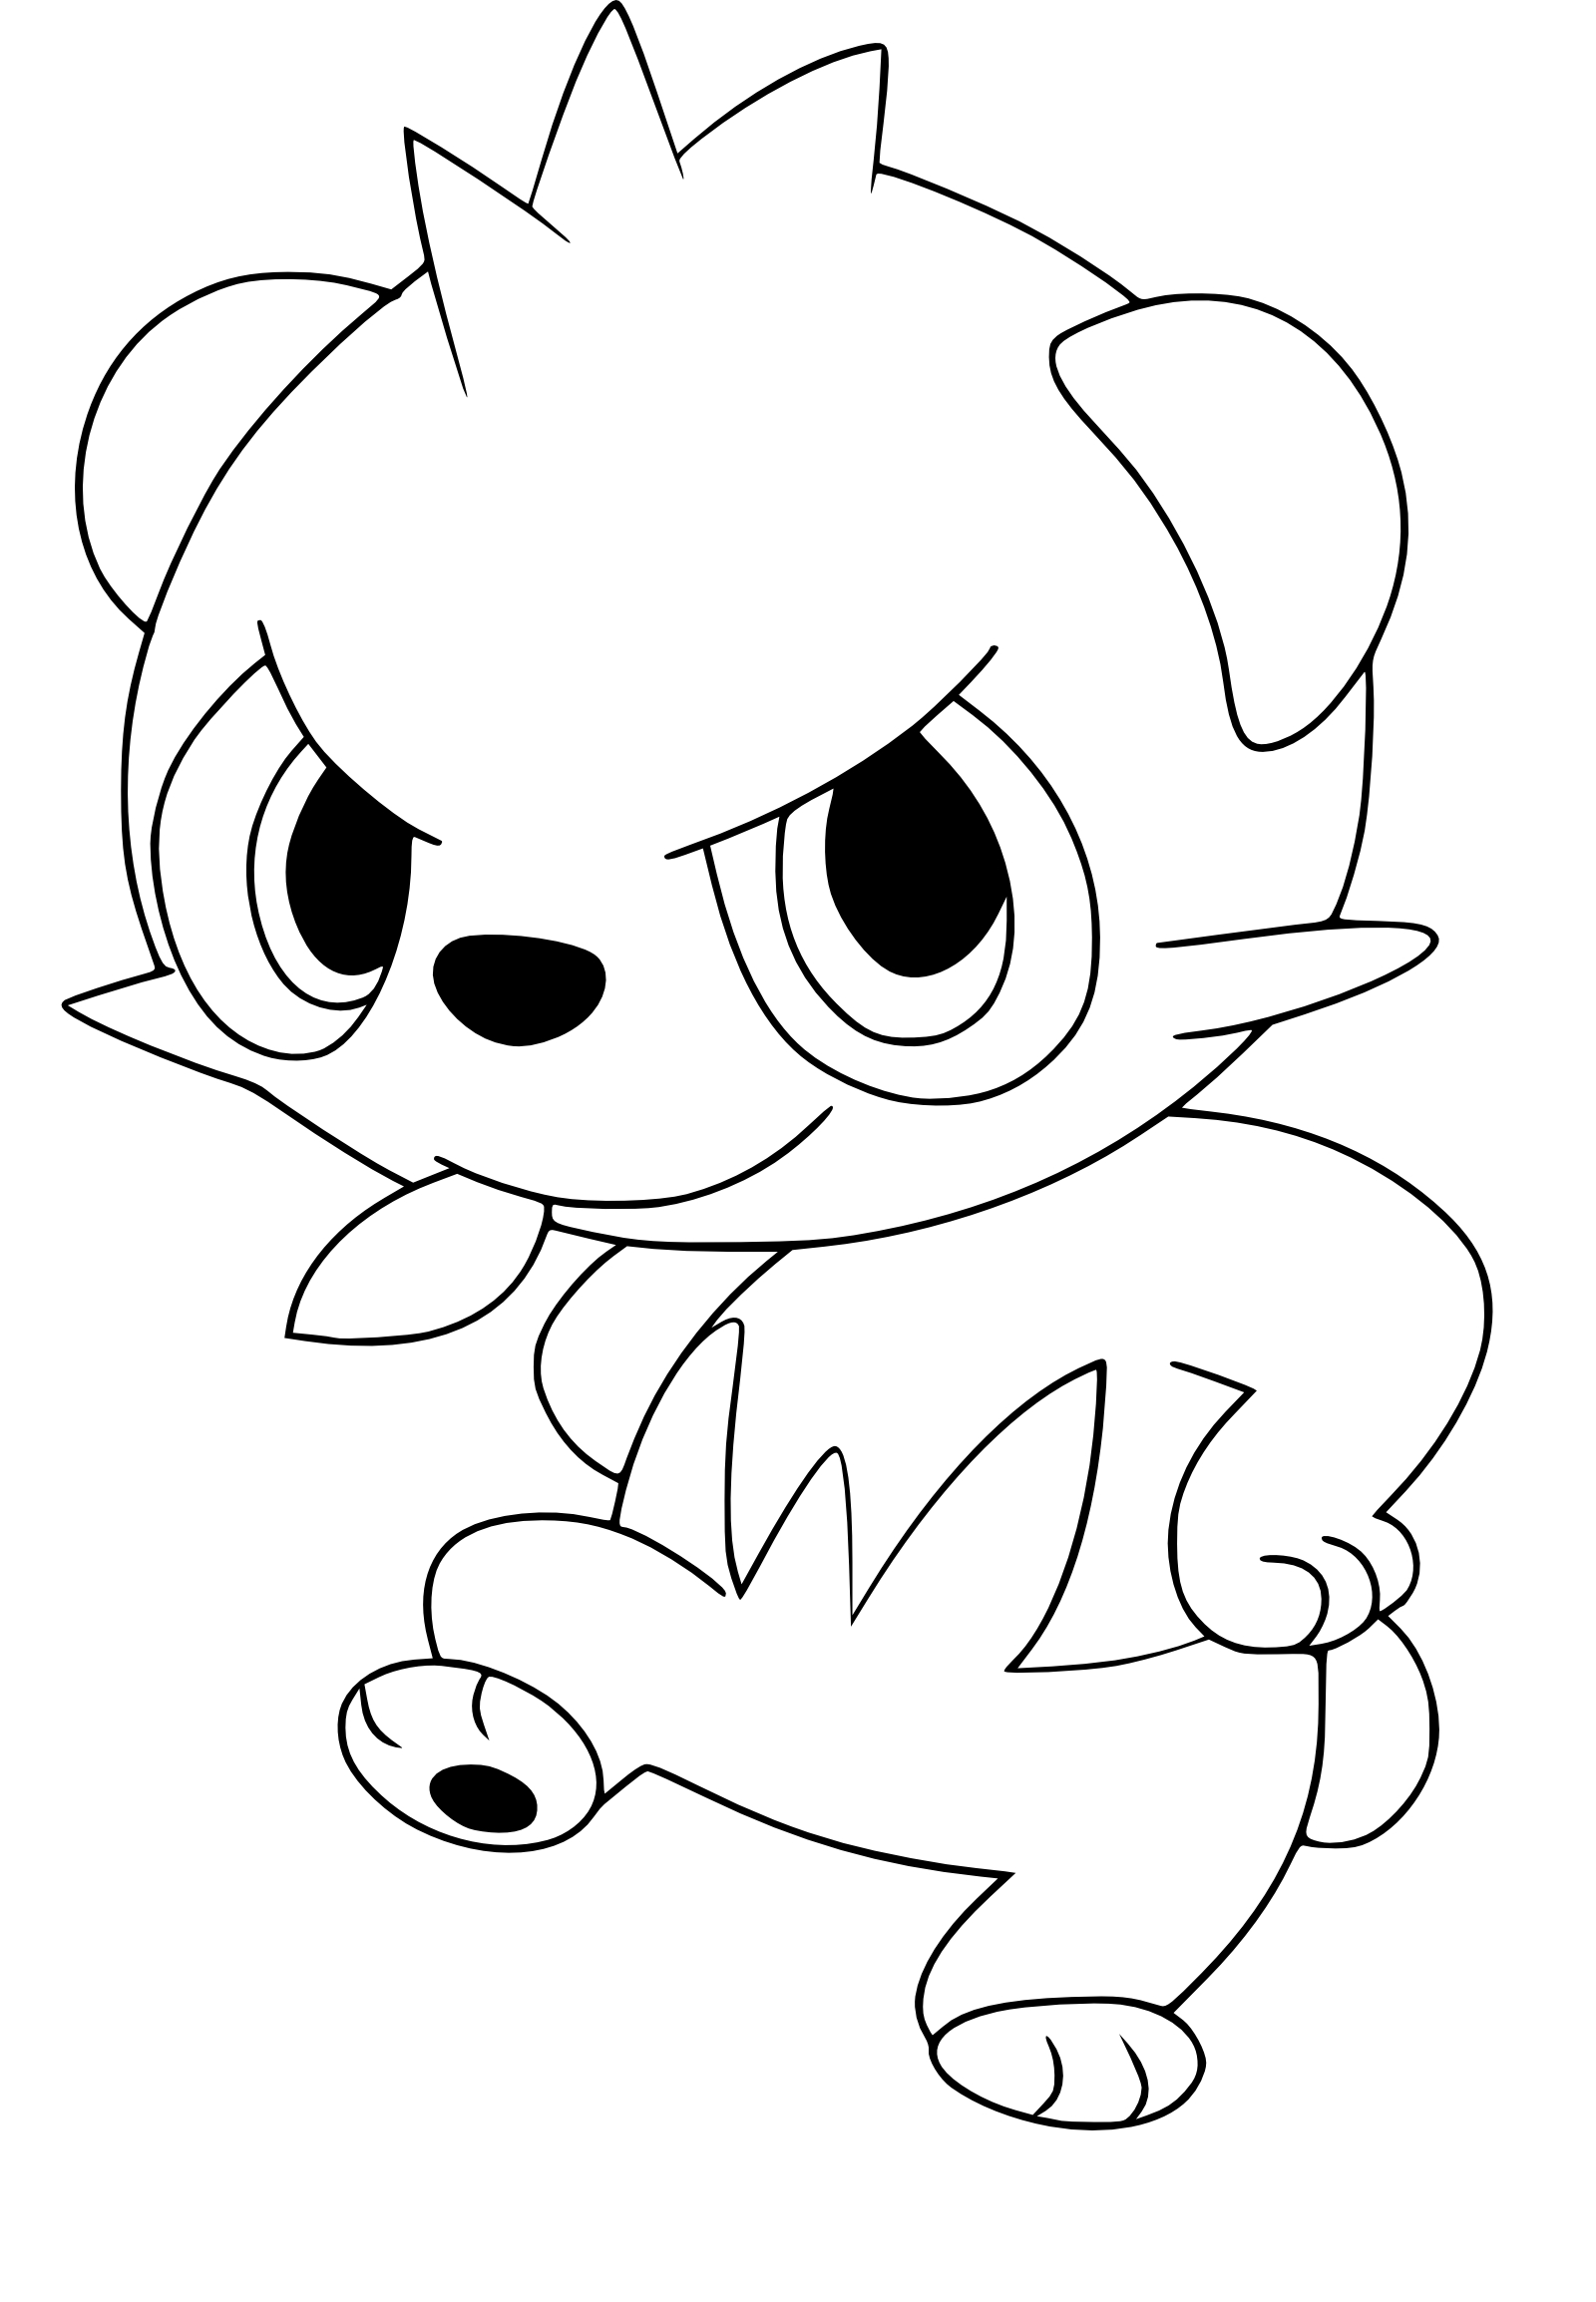 Dessin coloriage - Coloriage pokemon imprimer ...